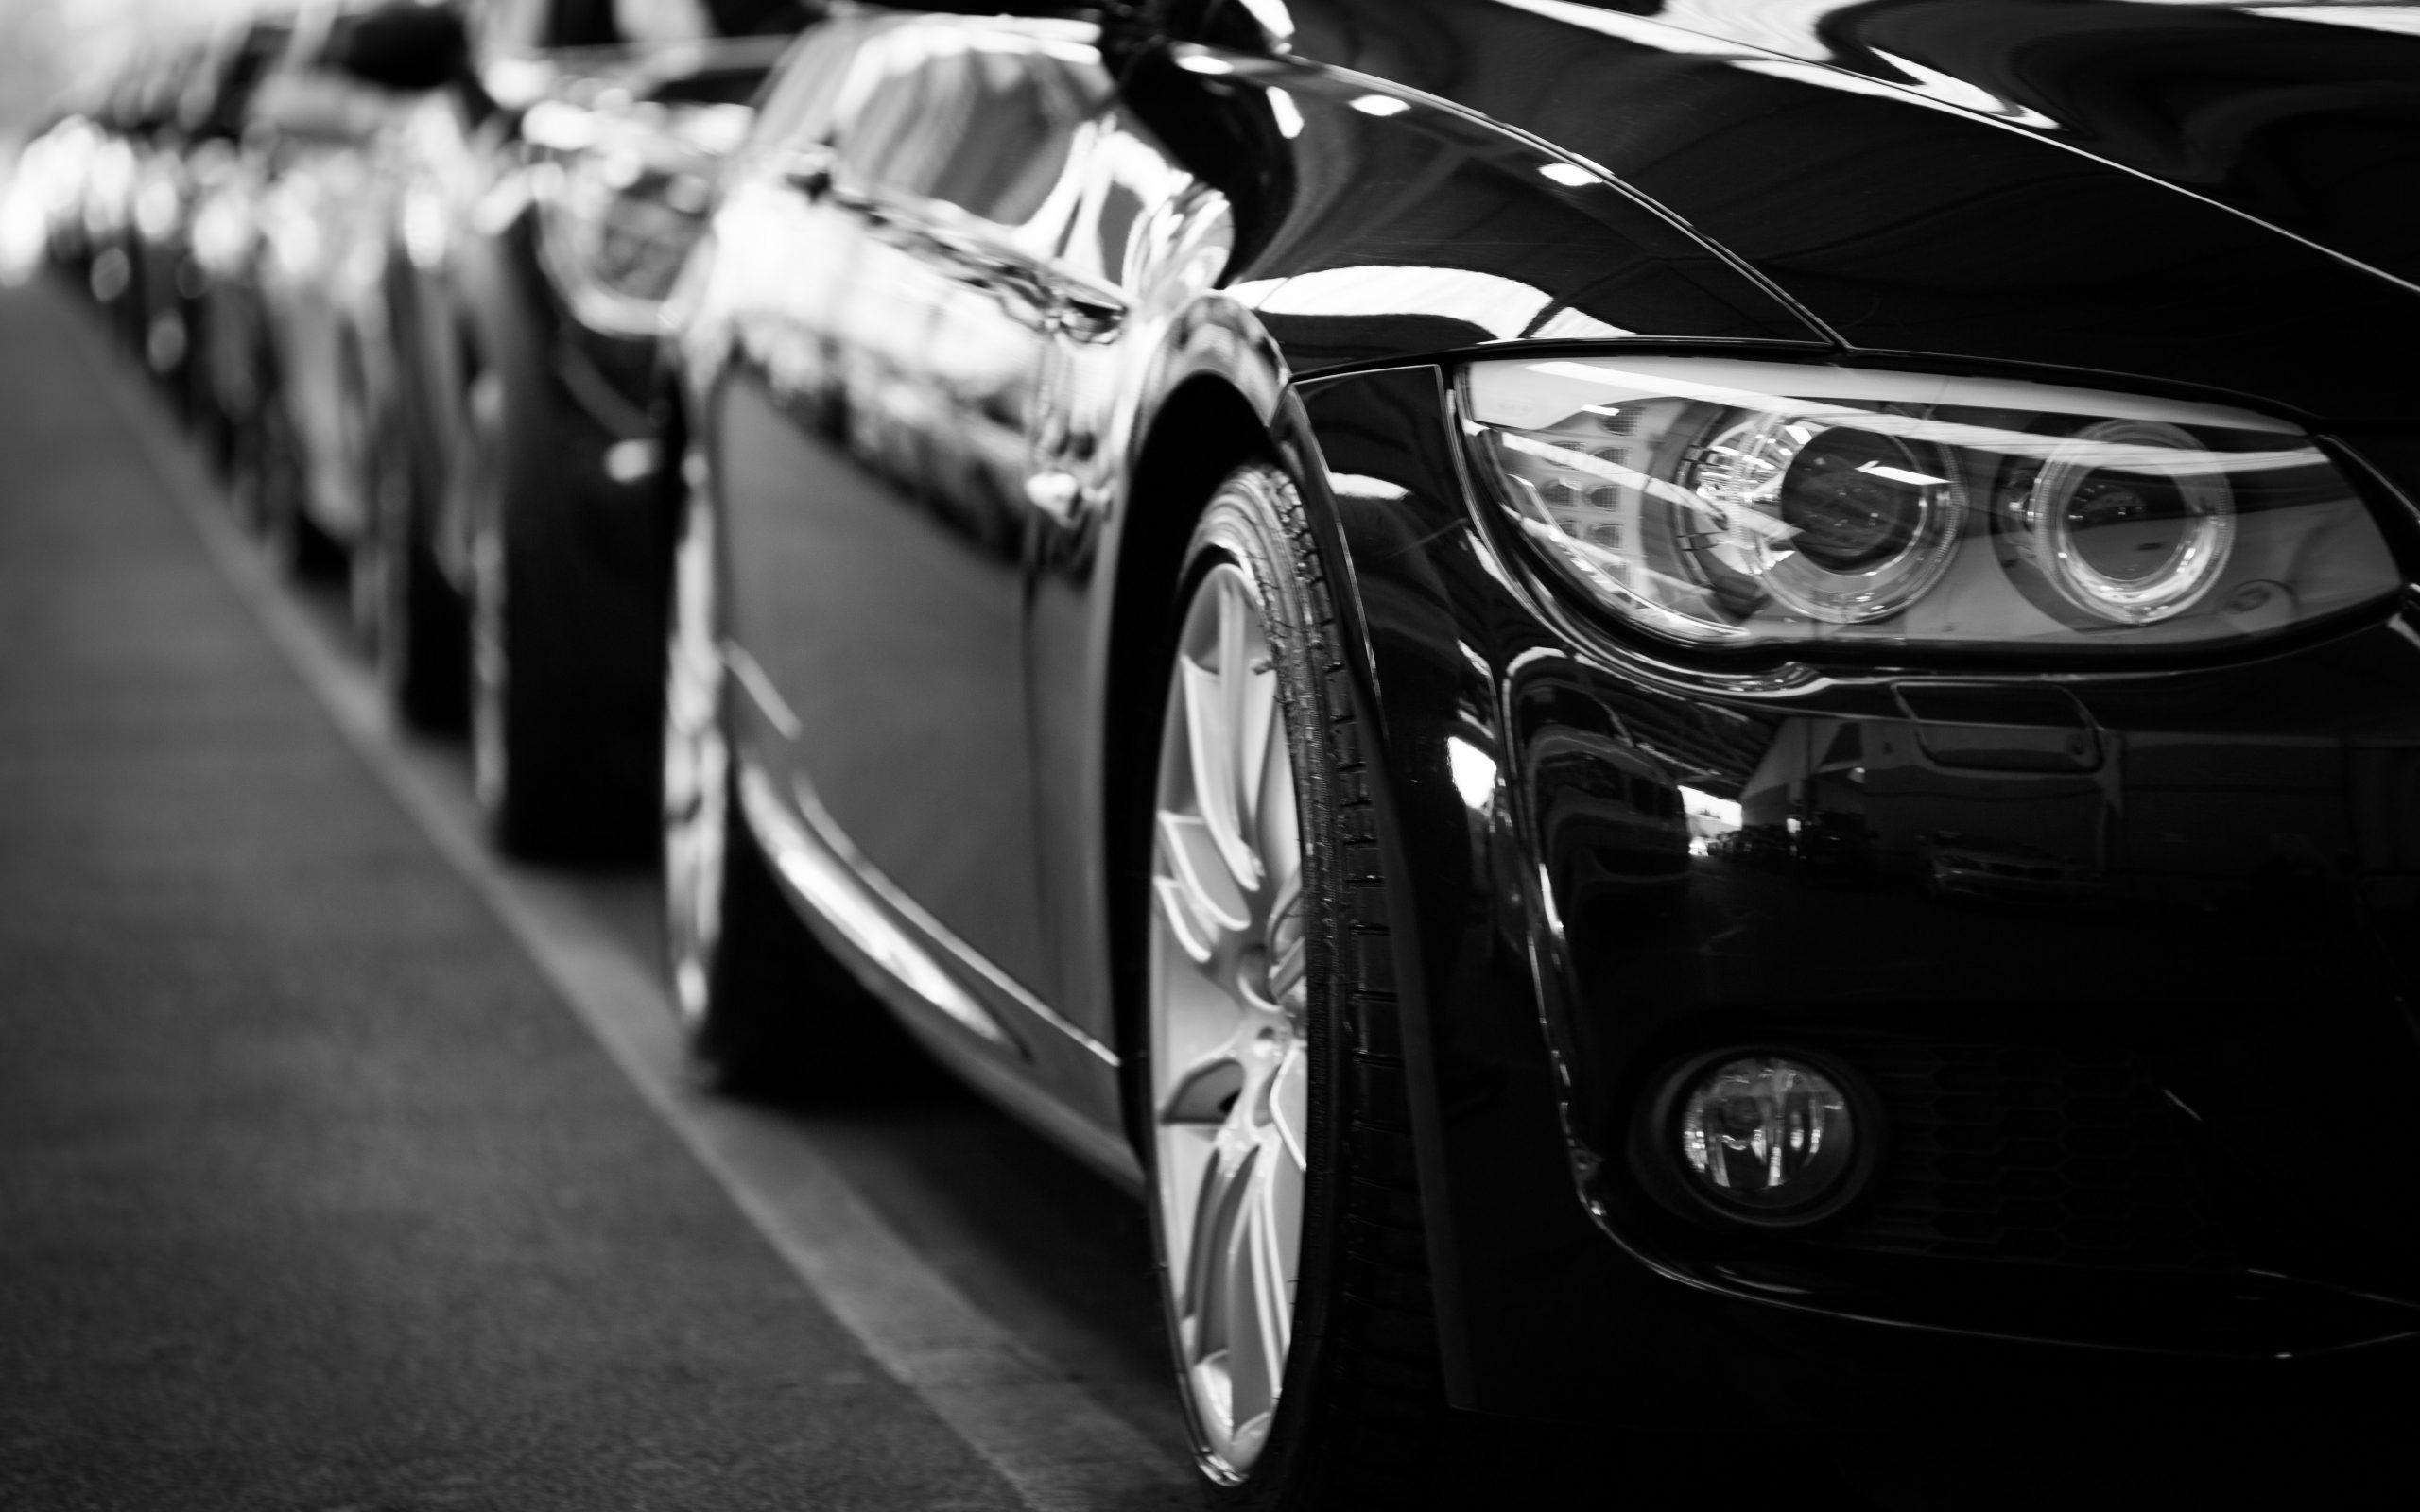 Hoe voorkom je overdadige slijtage van je auto?